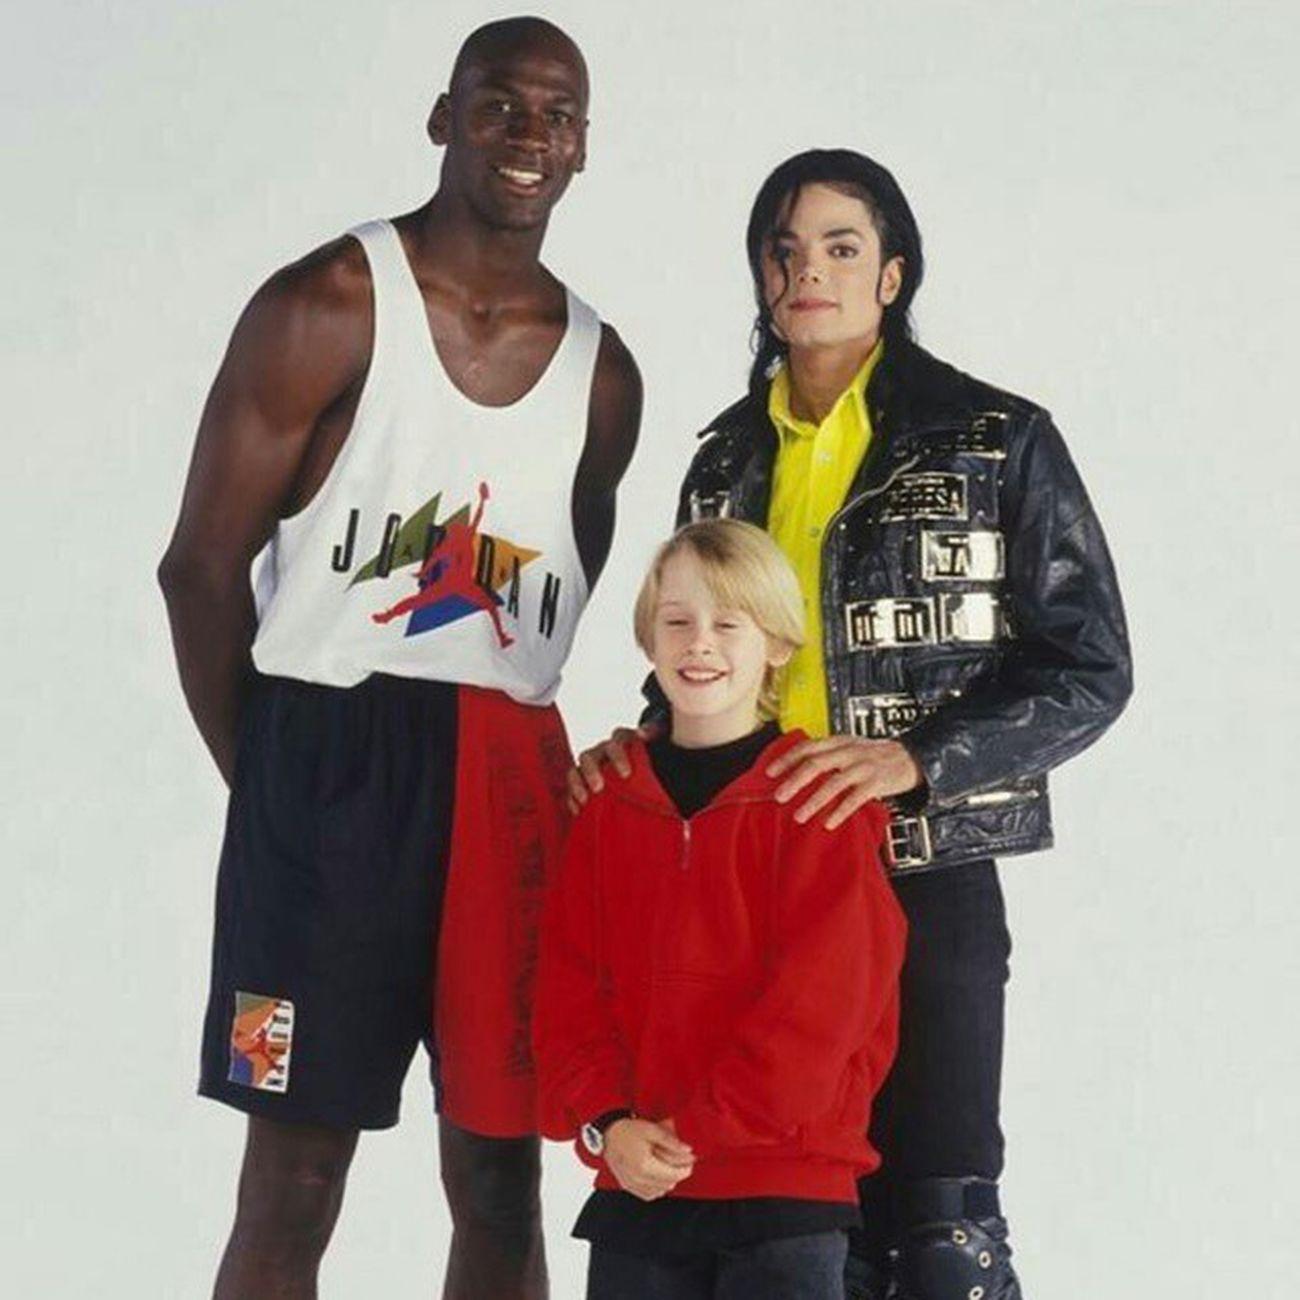 Jordan, Jackson, Culkin Sorandomsunday Srs Michaeljordan Michaeljackson macaulayculkin basketball singer homealone blog business website ilivelife jimbosports